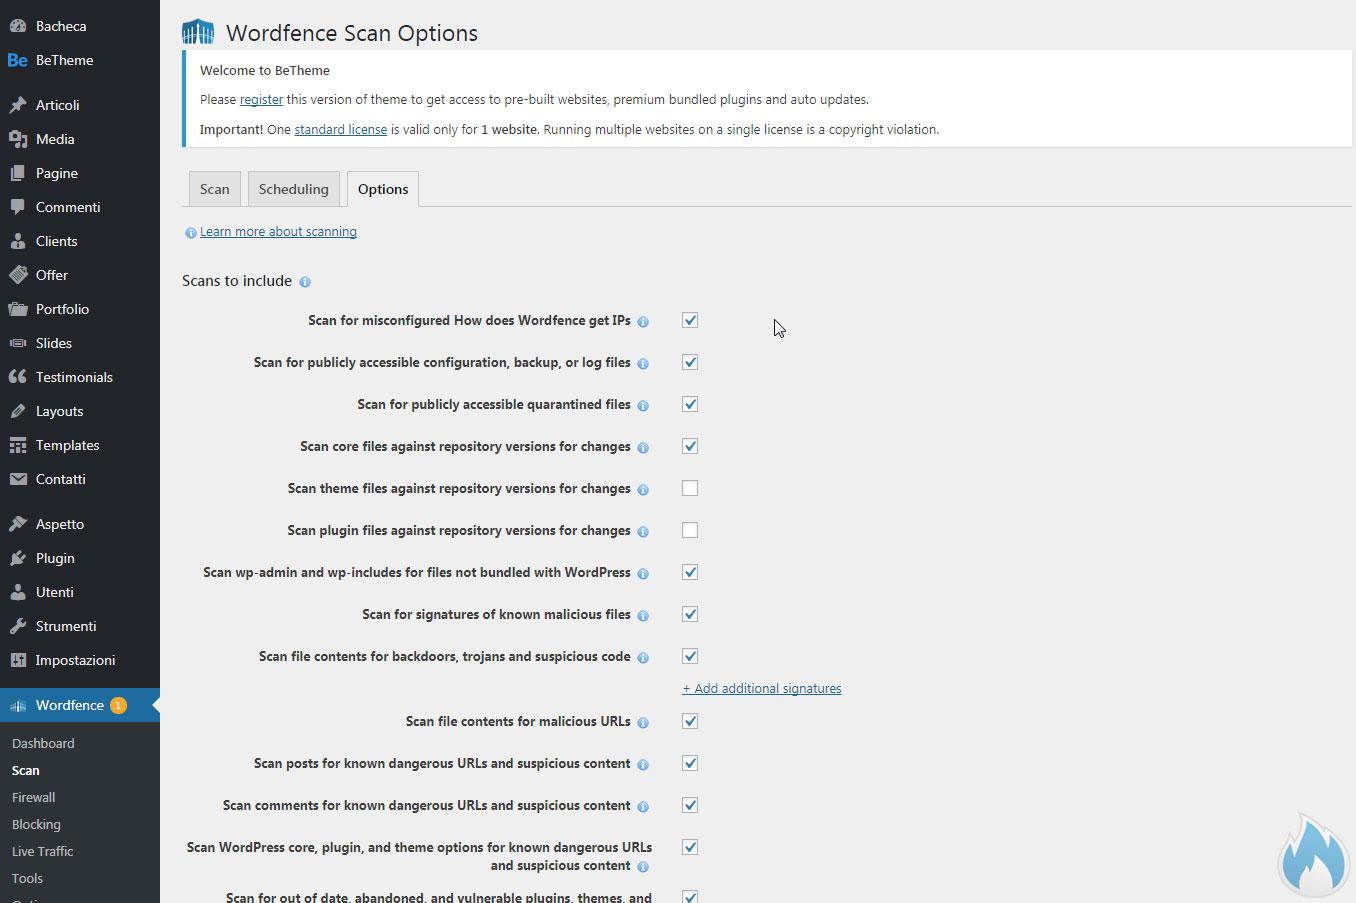 Opzioni della sezione scan di Wordfence